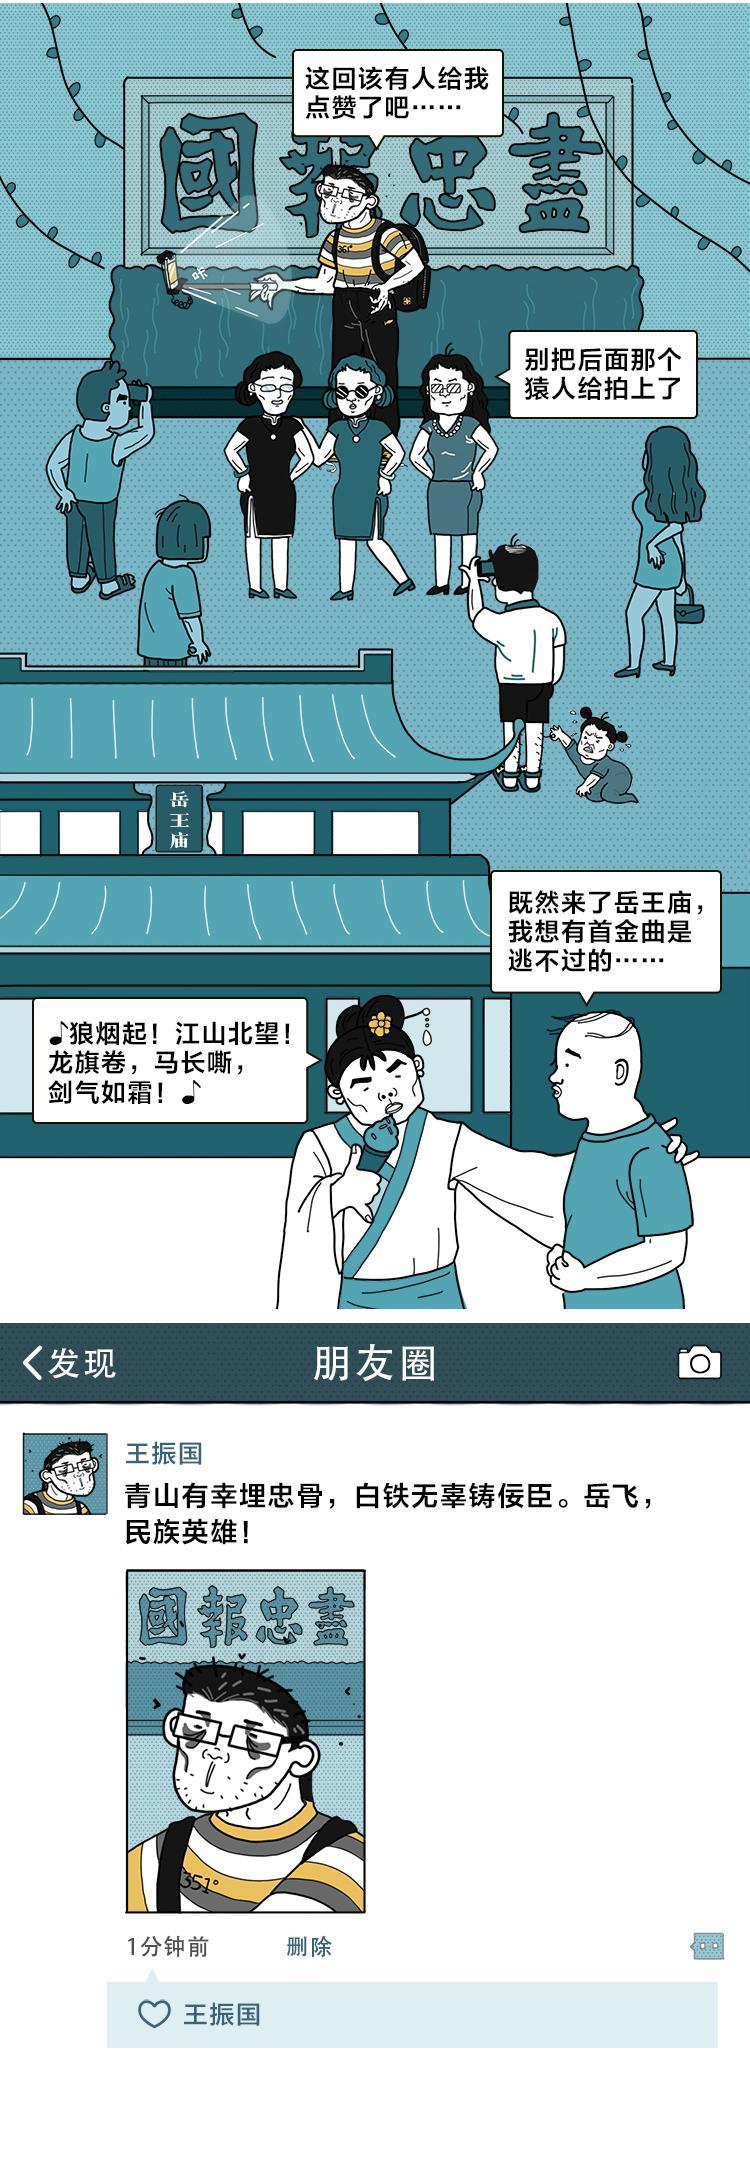 十一假期,几亿中国人正在拿命发朋友圈